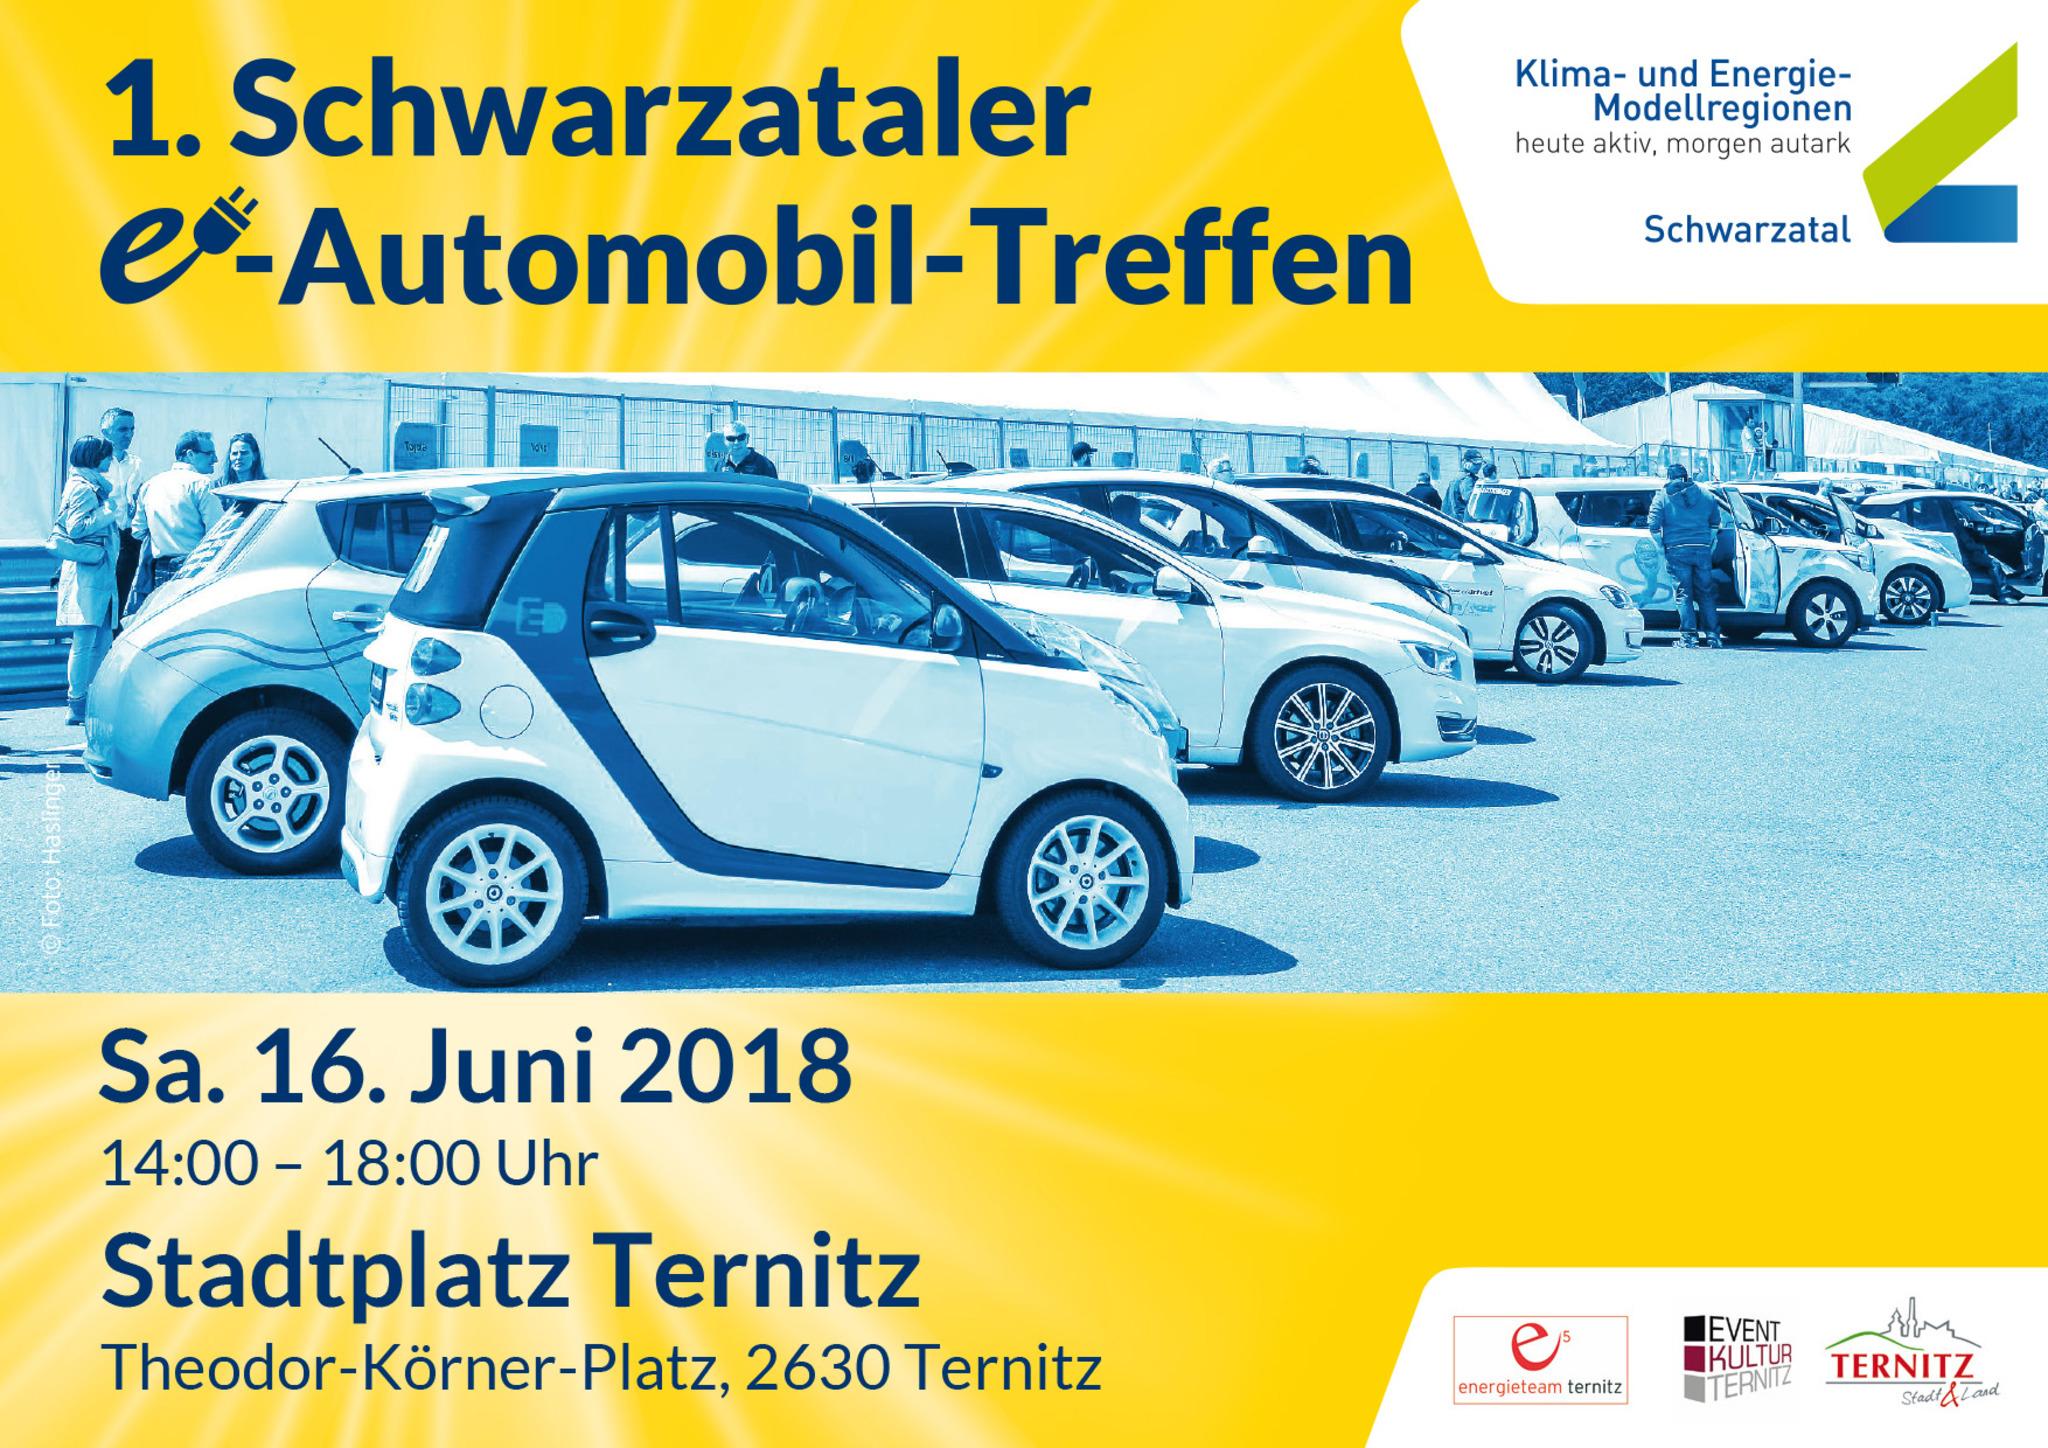 2. Schwarzataler e-Auto-Treffen - KEM Schwarzatal